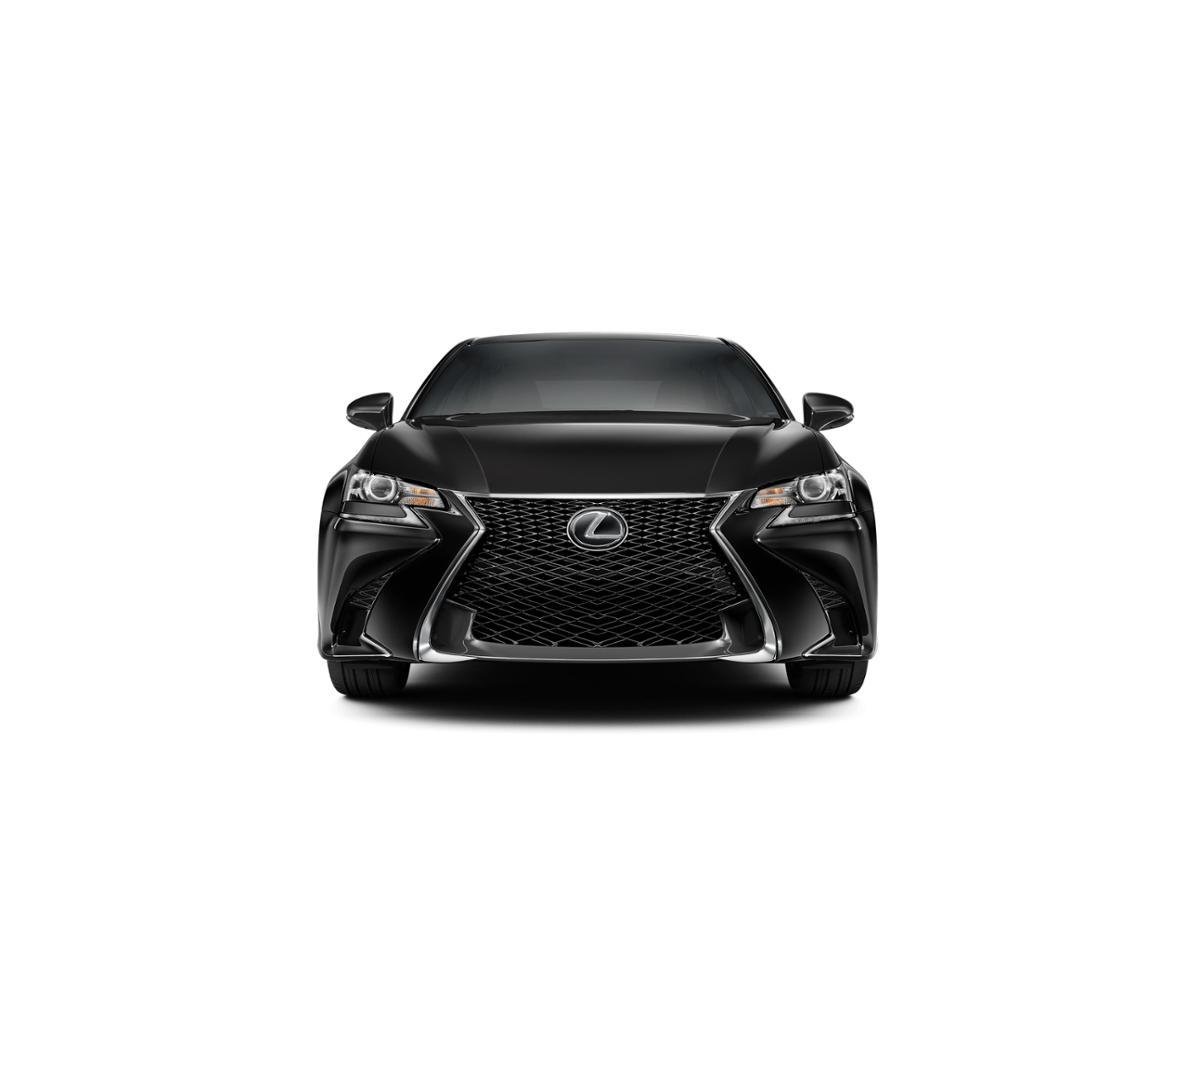 Audi Dealer Bay Area: New Caviar 2019 Lexus GS 350 F SPORT For Sale Fremont, CA